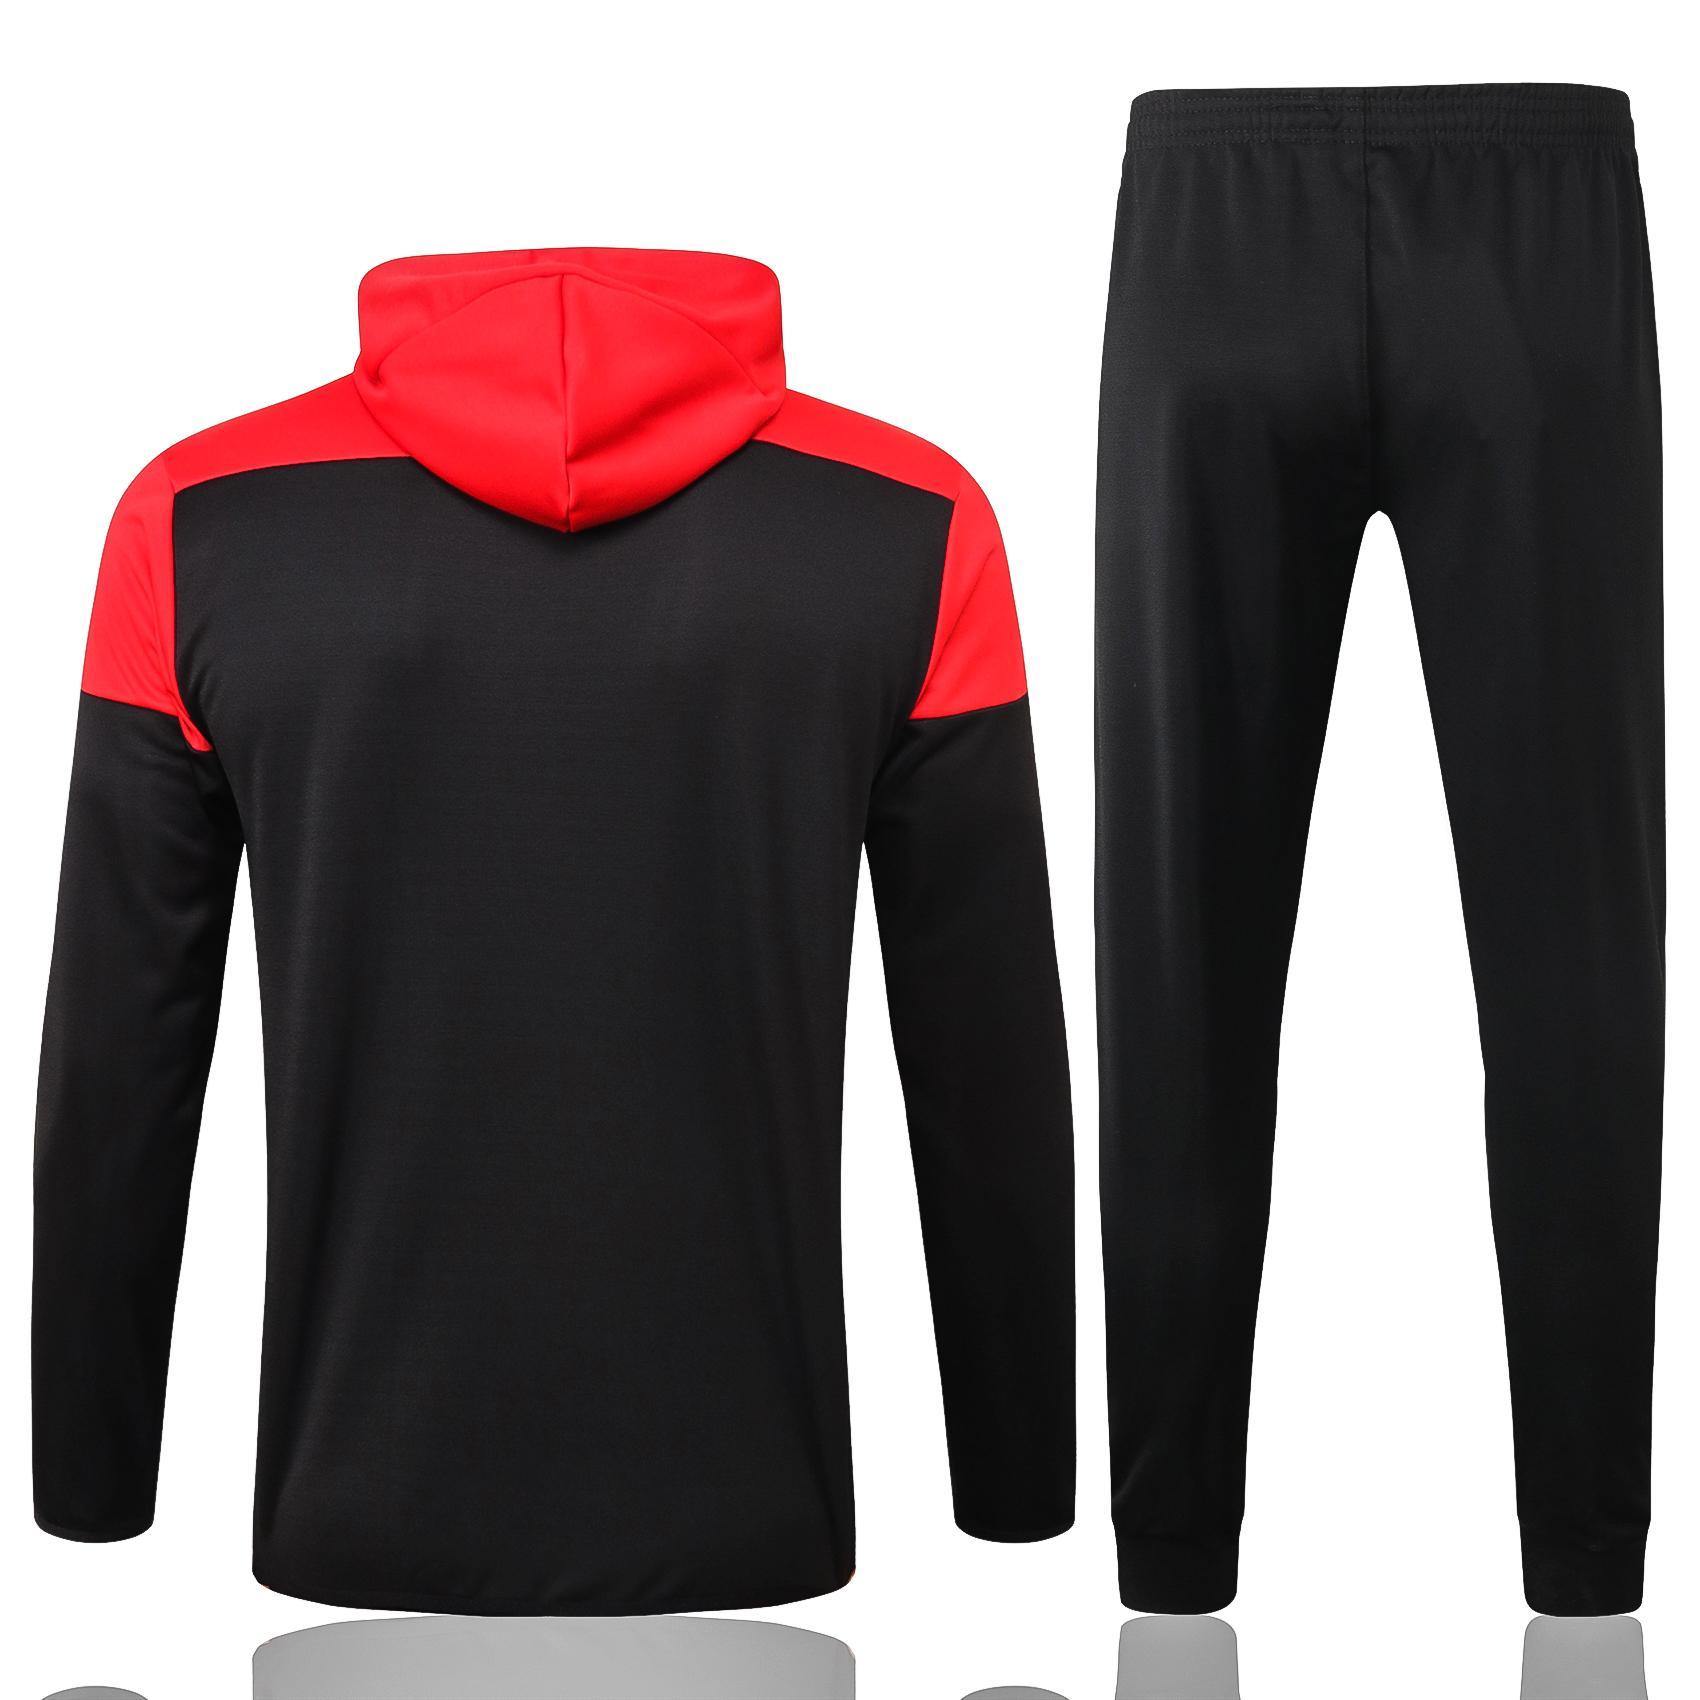 N'importe quel kits de costume de formation de jersey de football à capuche pour hommes et nom personnalisé et numéro / besoin de contacter une enquête s'il existe des stocks